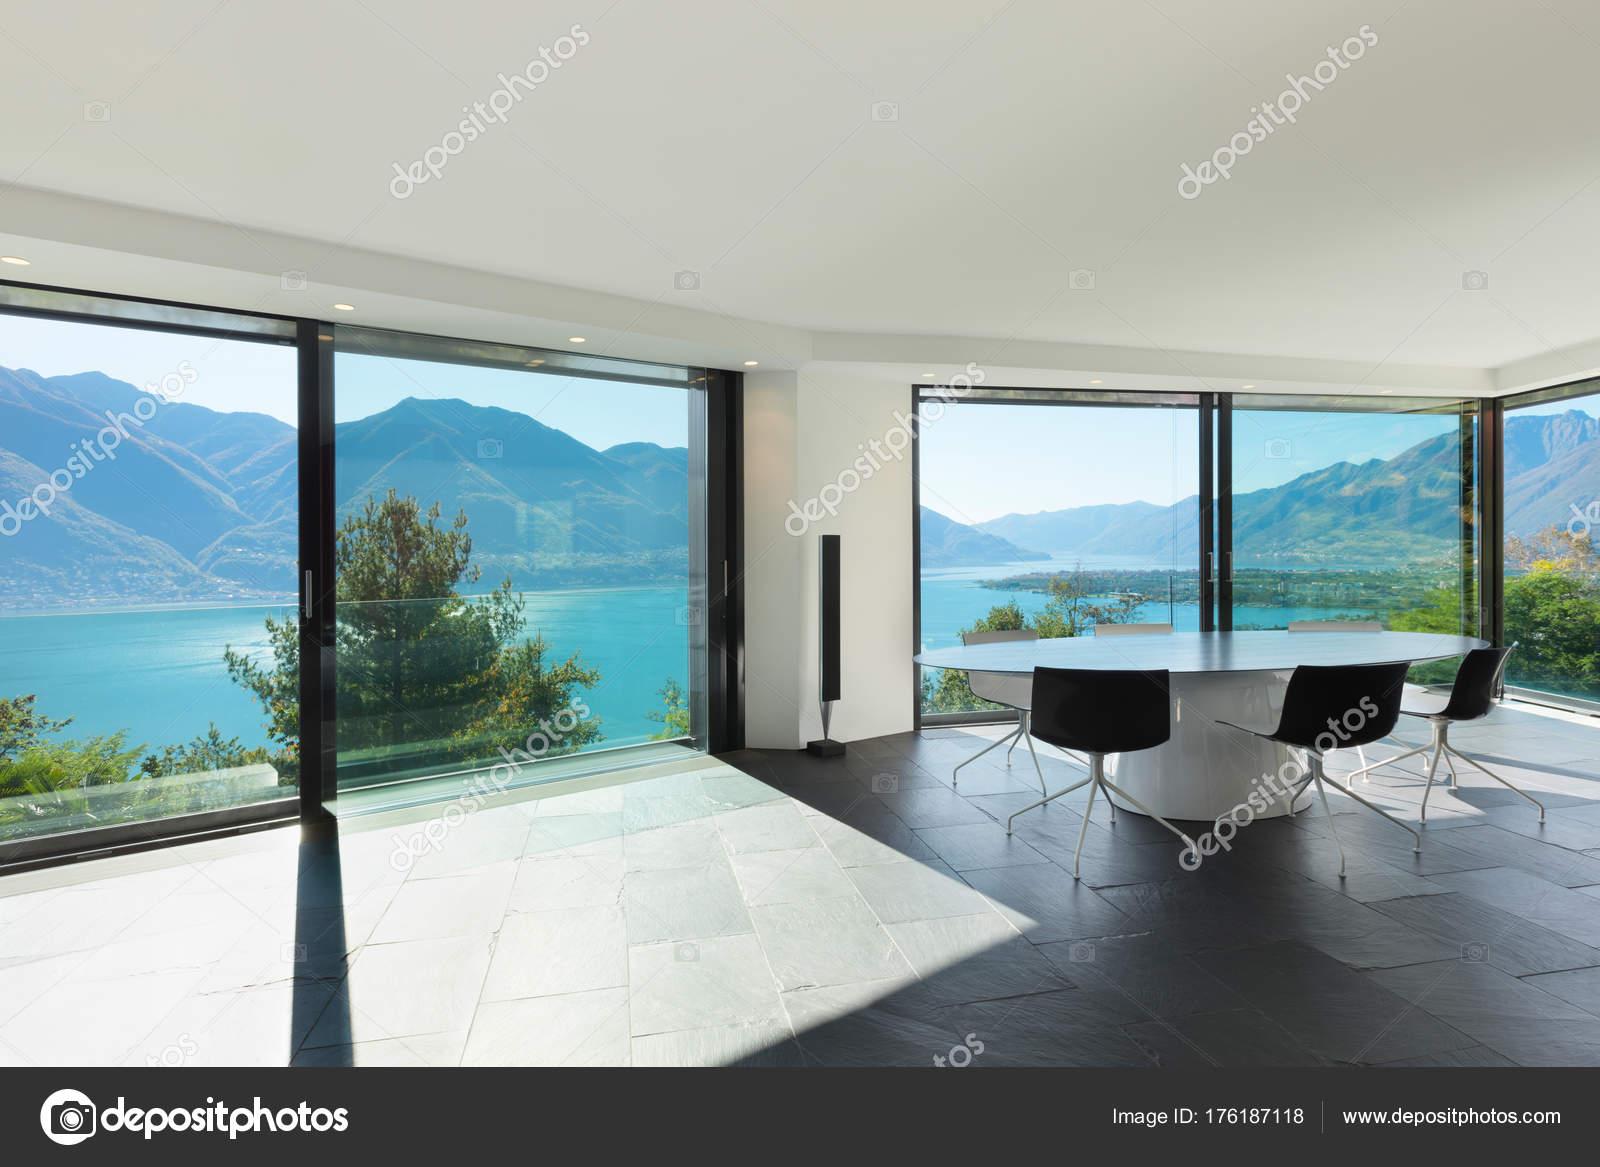 Interieur moderne huis eetkamer u2014 stockfoto © zveiger #176187118